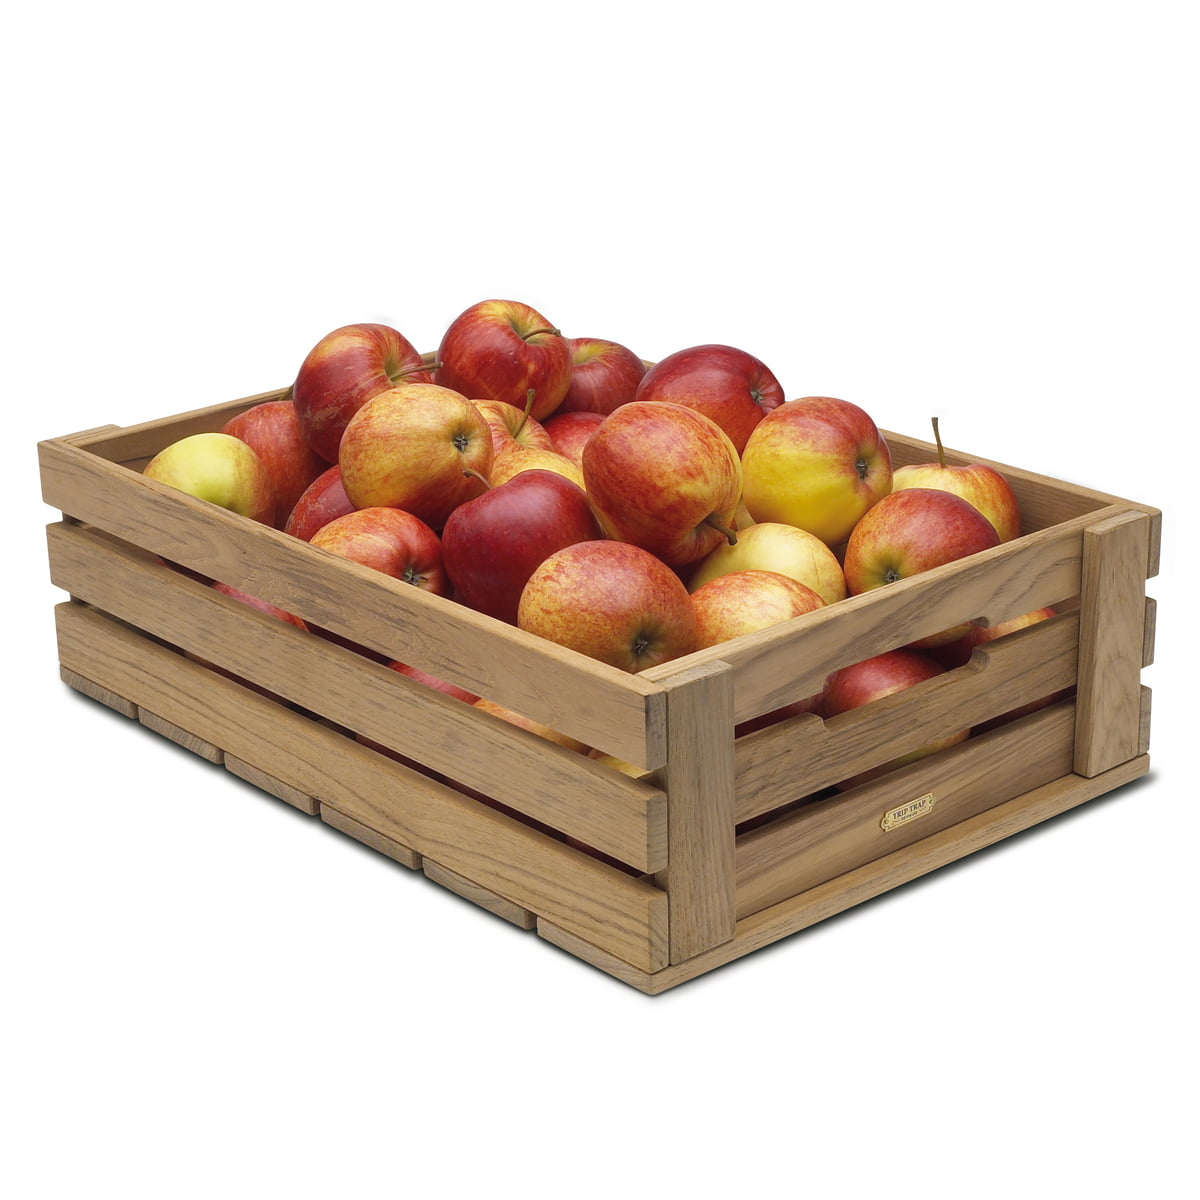 Dania Box 4 Apple Crate Skagerak Shop